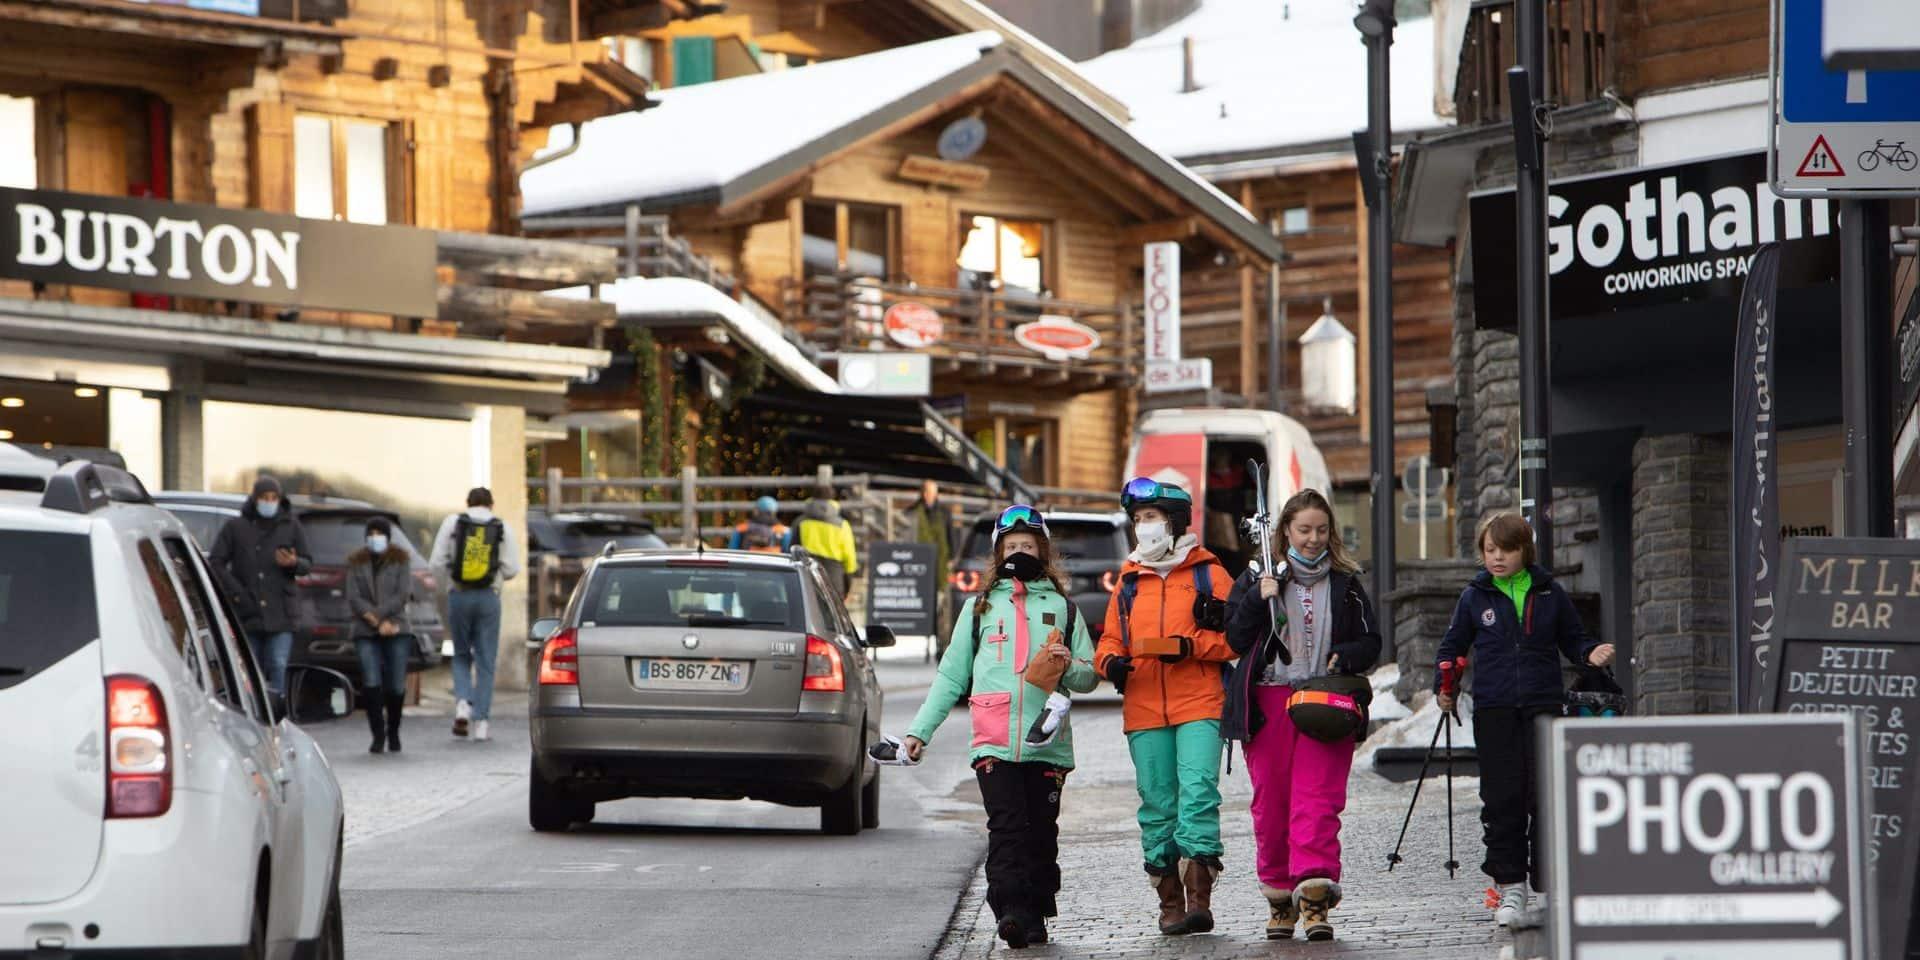 """200 Britanniques en quarantaine dans une station de ski s'enfuient : """"On ne peut pas leur en vouloir"""""""